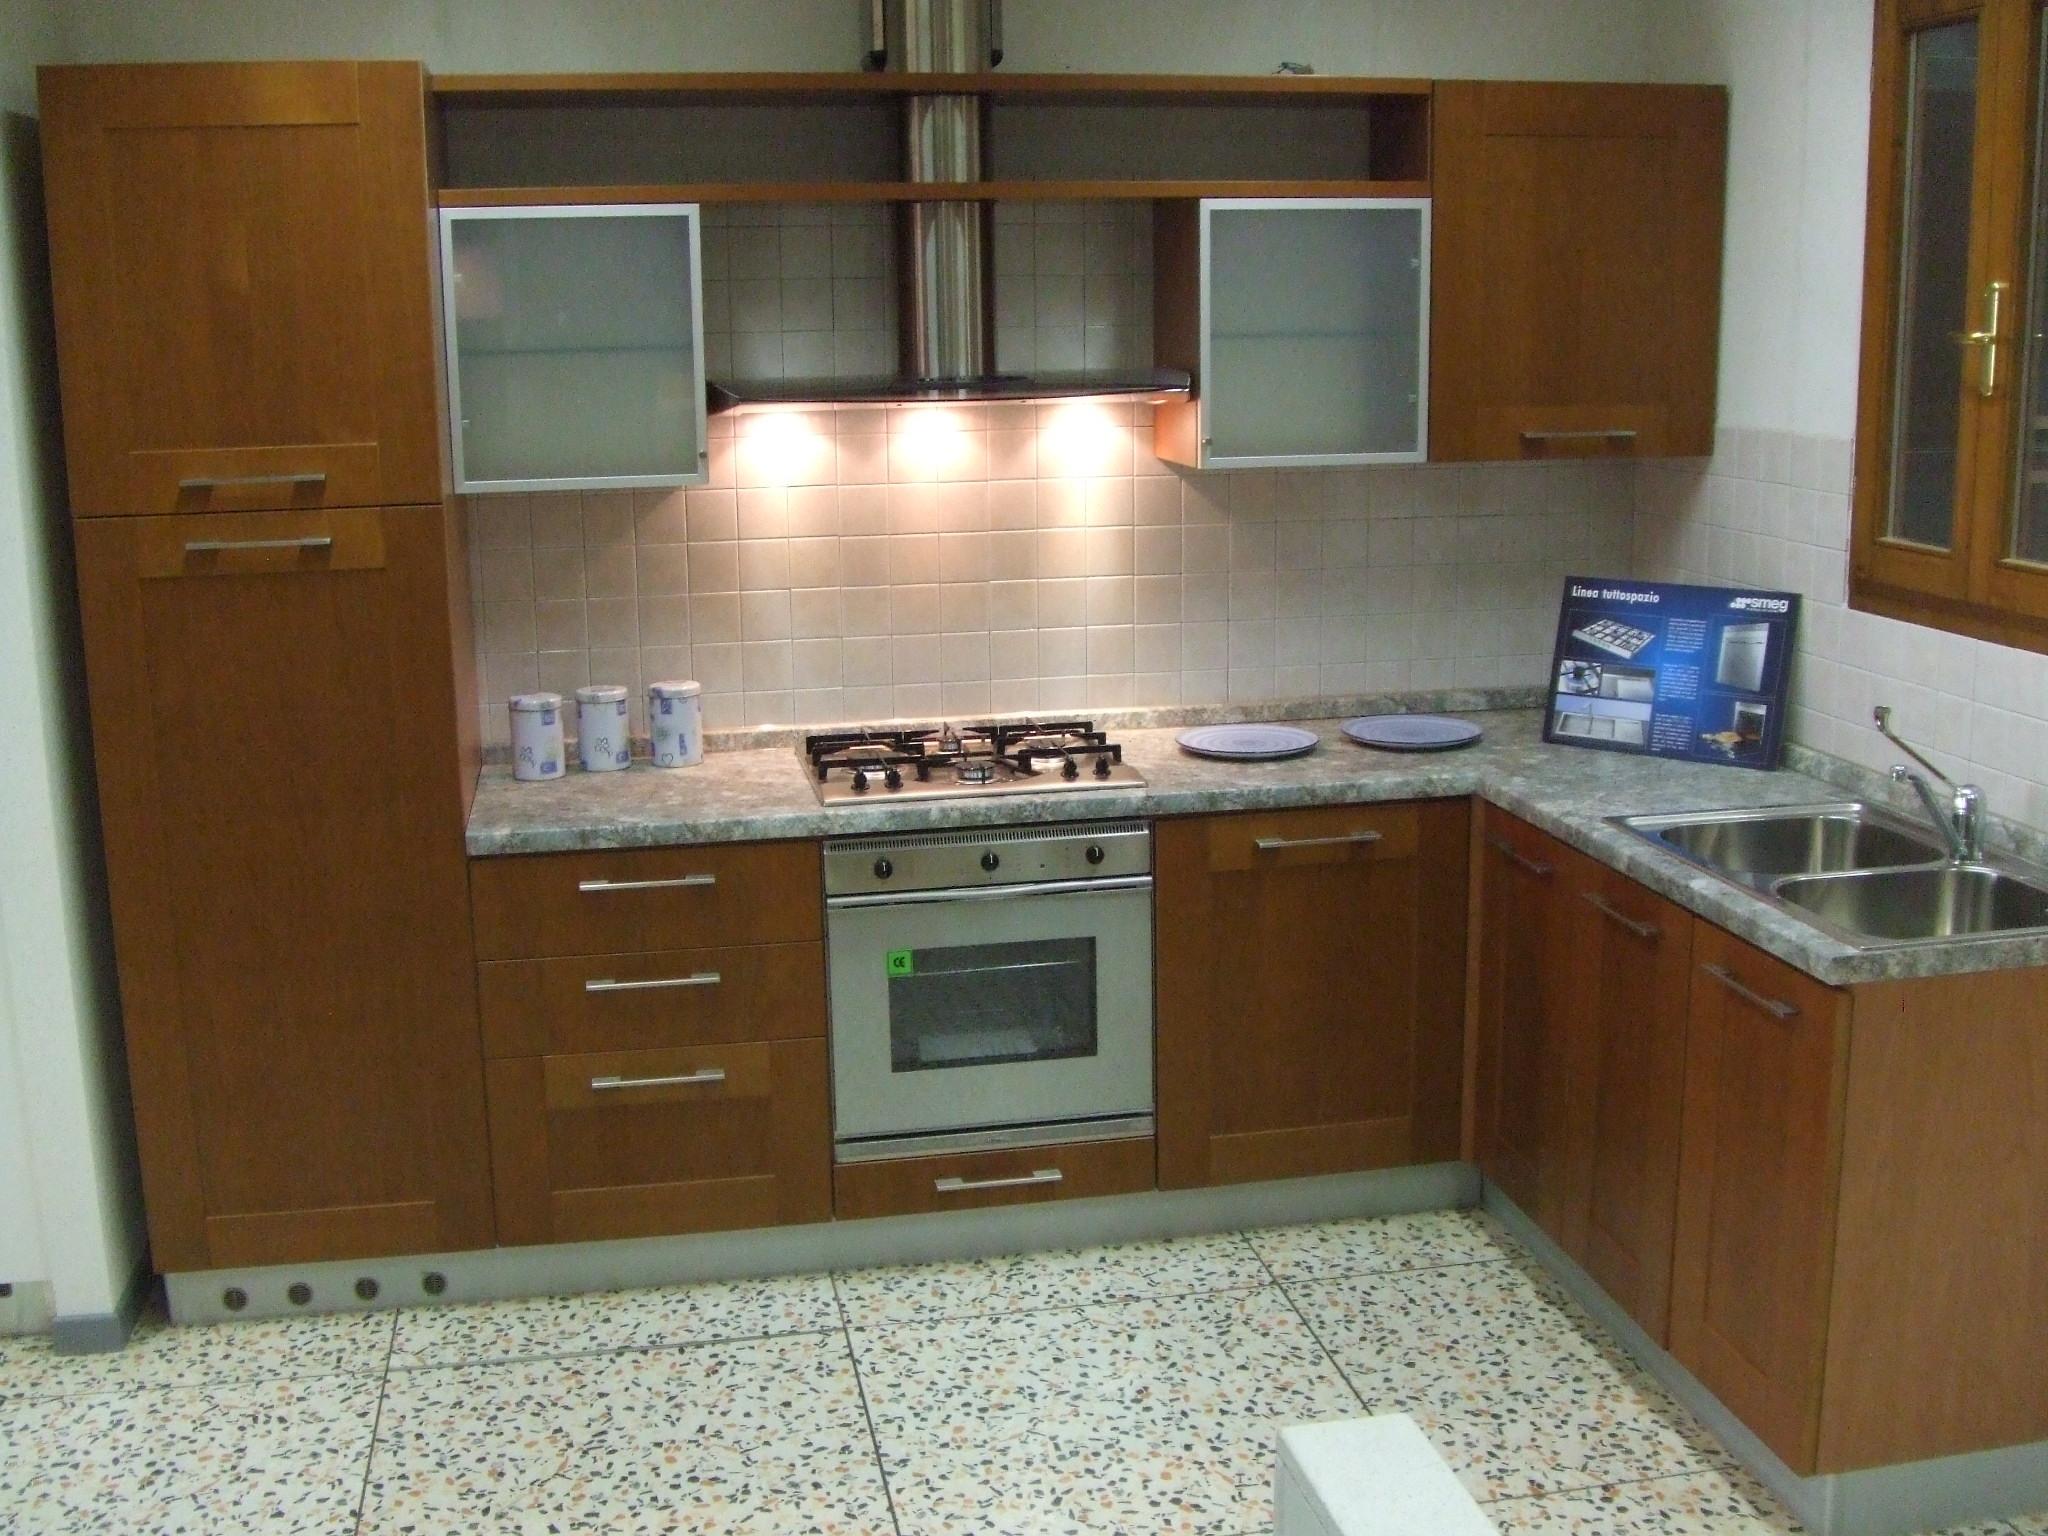 Cucine ciliegio e panna idee creative di interni e mobili - Cucine in ciliegio moderne ...